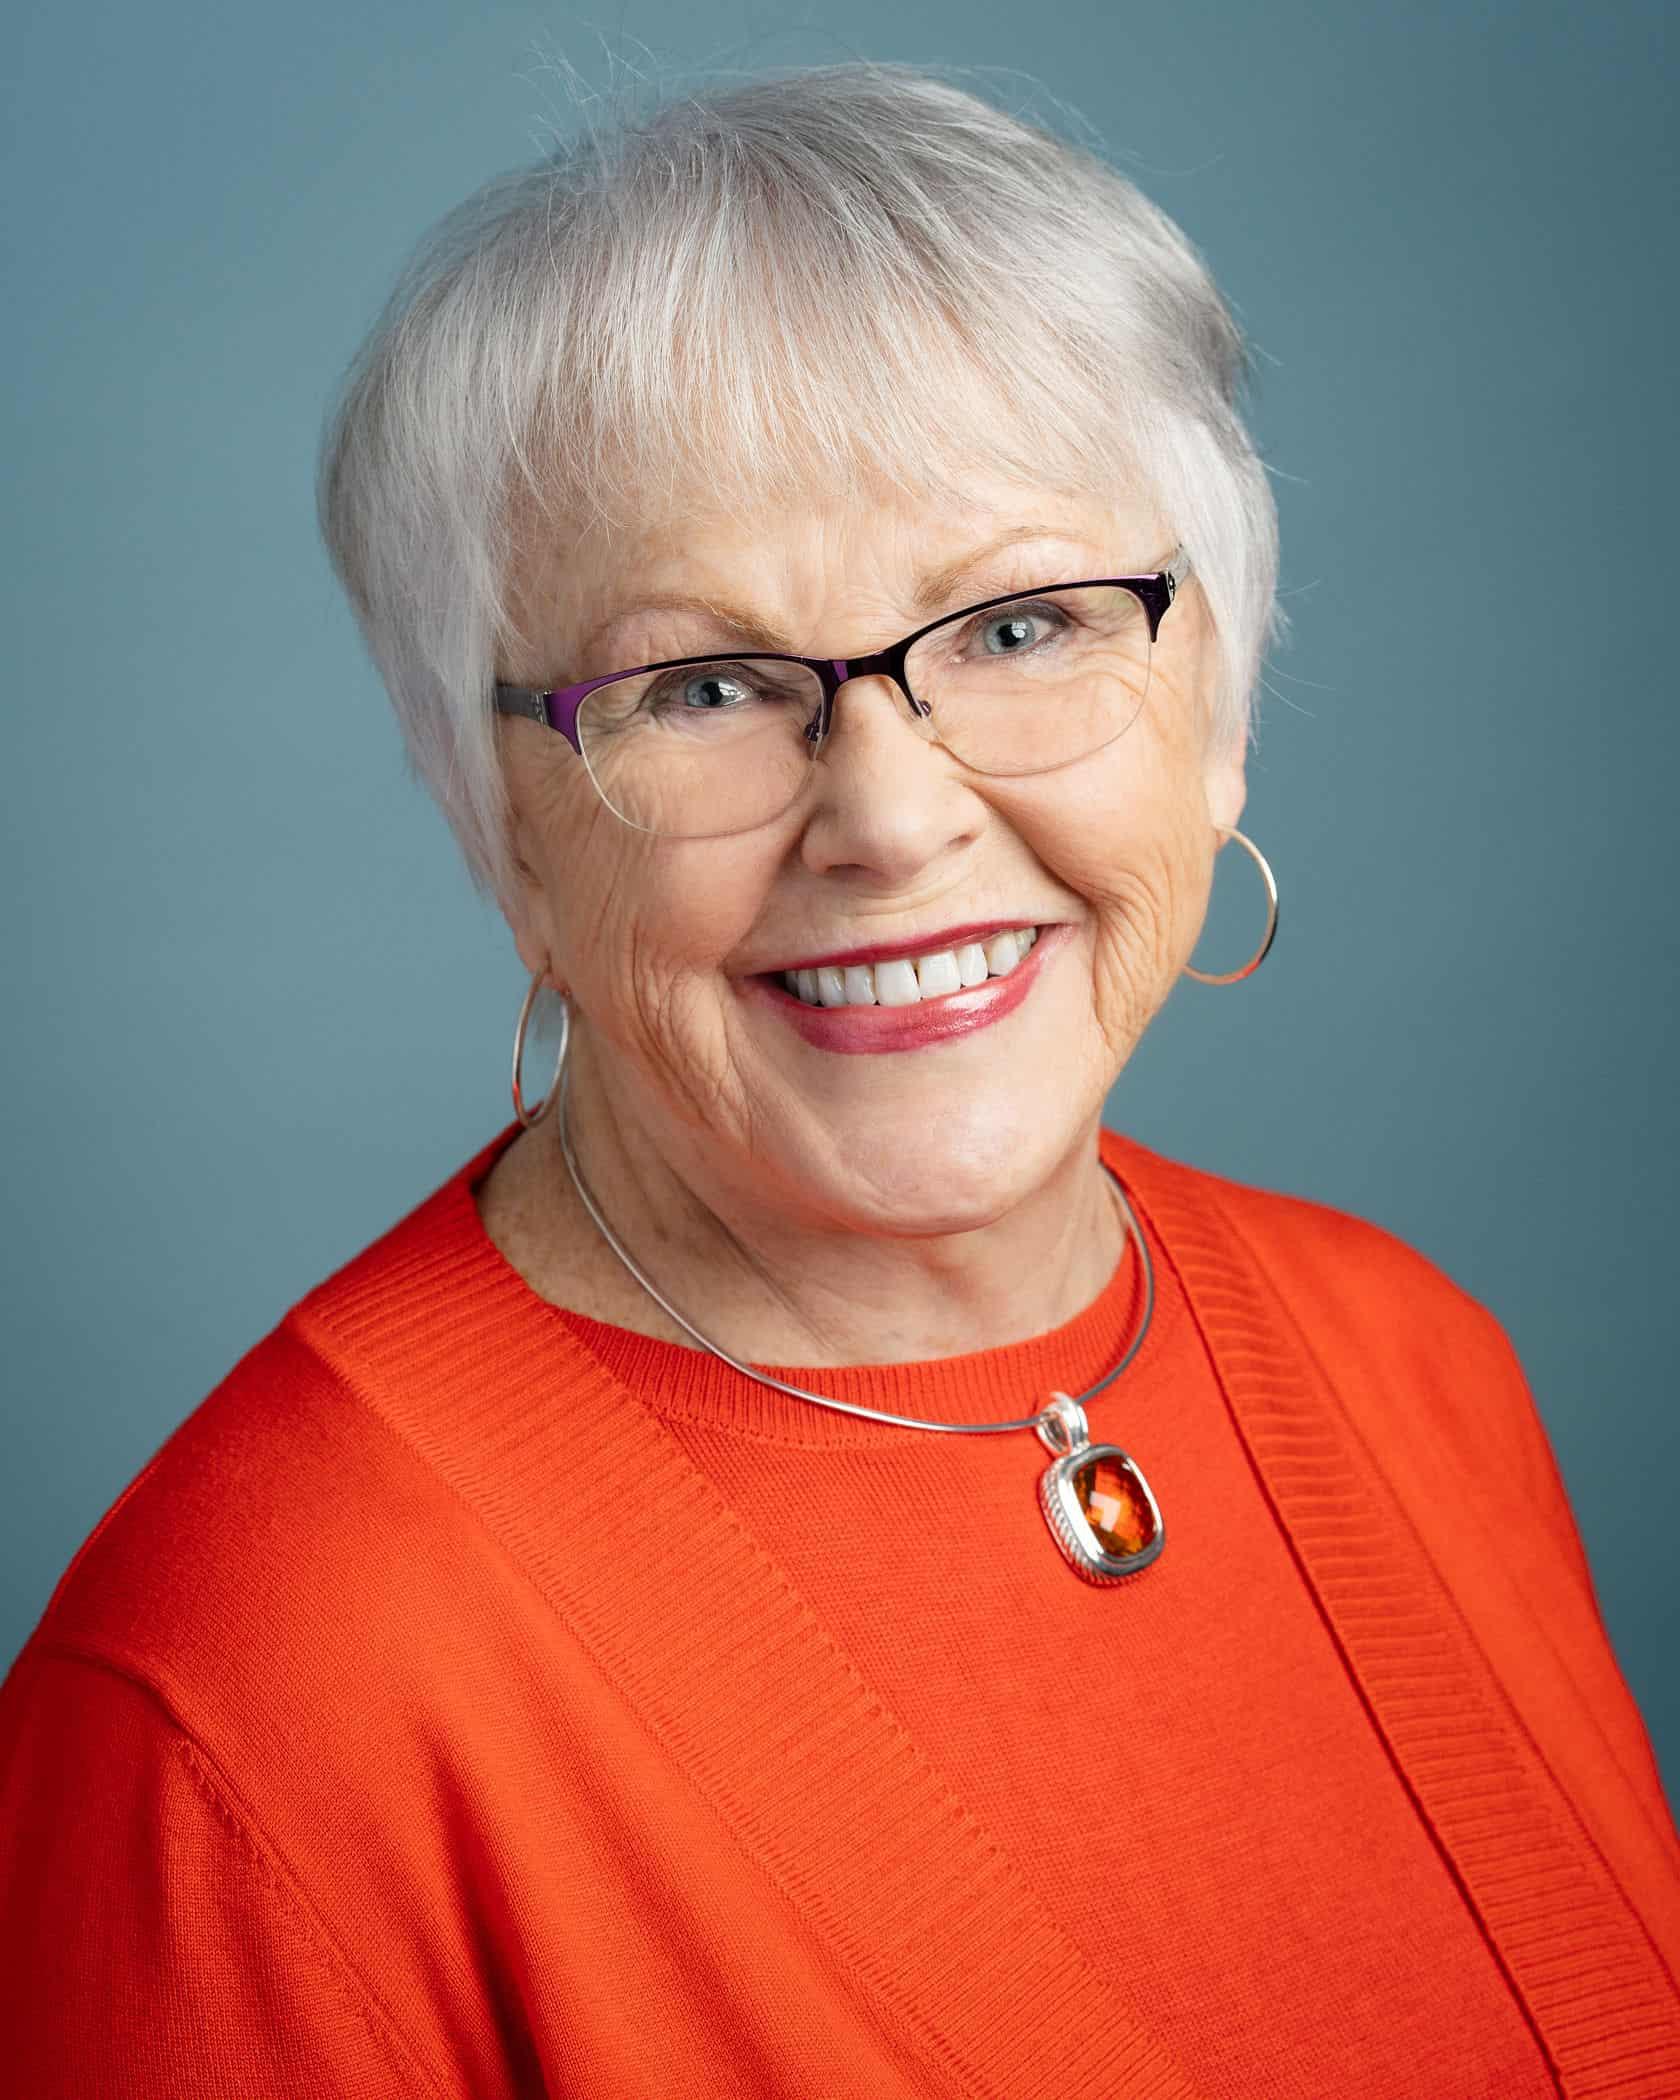 Peggy McEachern